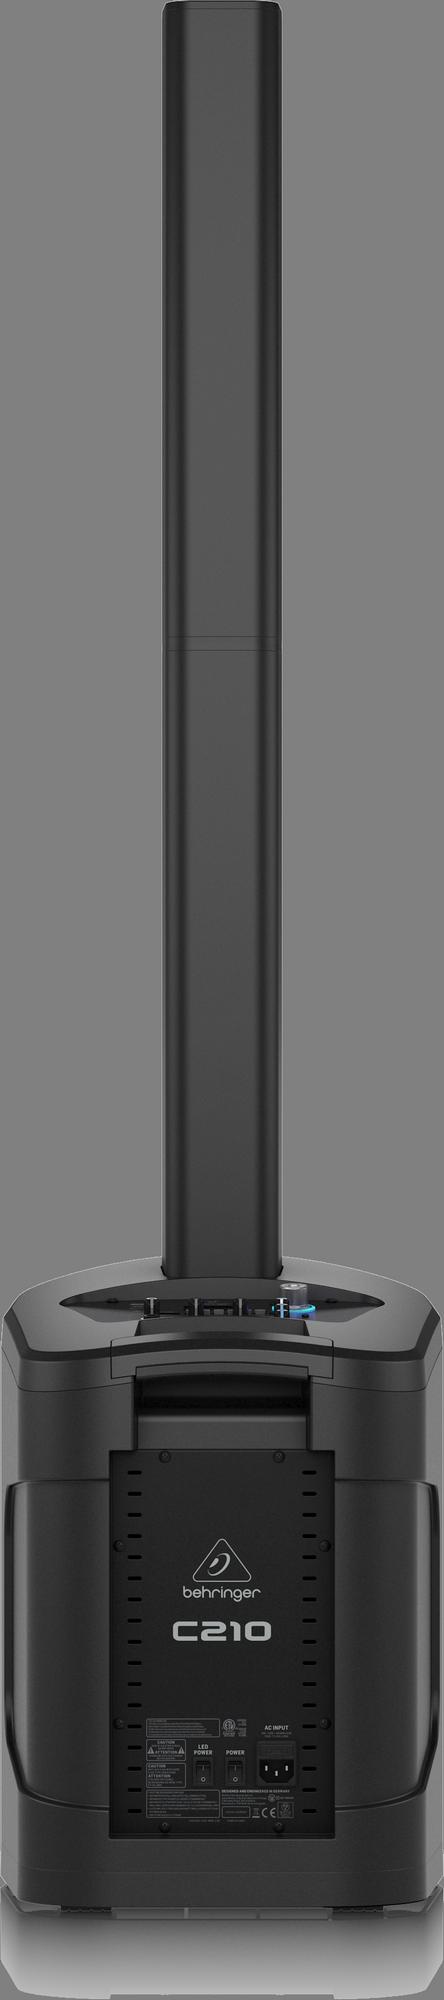 Behringer C210 - Luidspreker